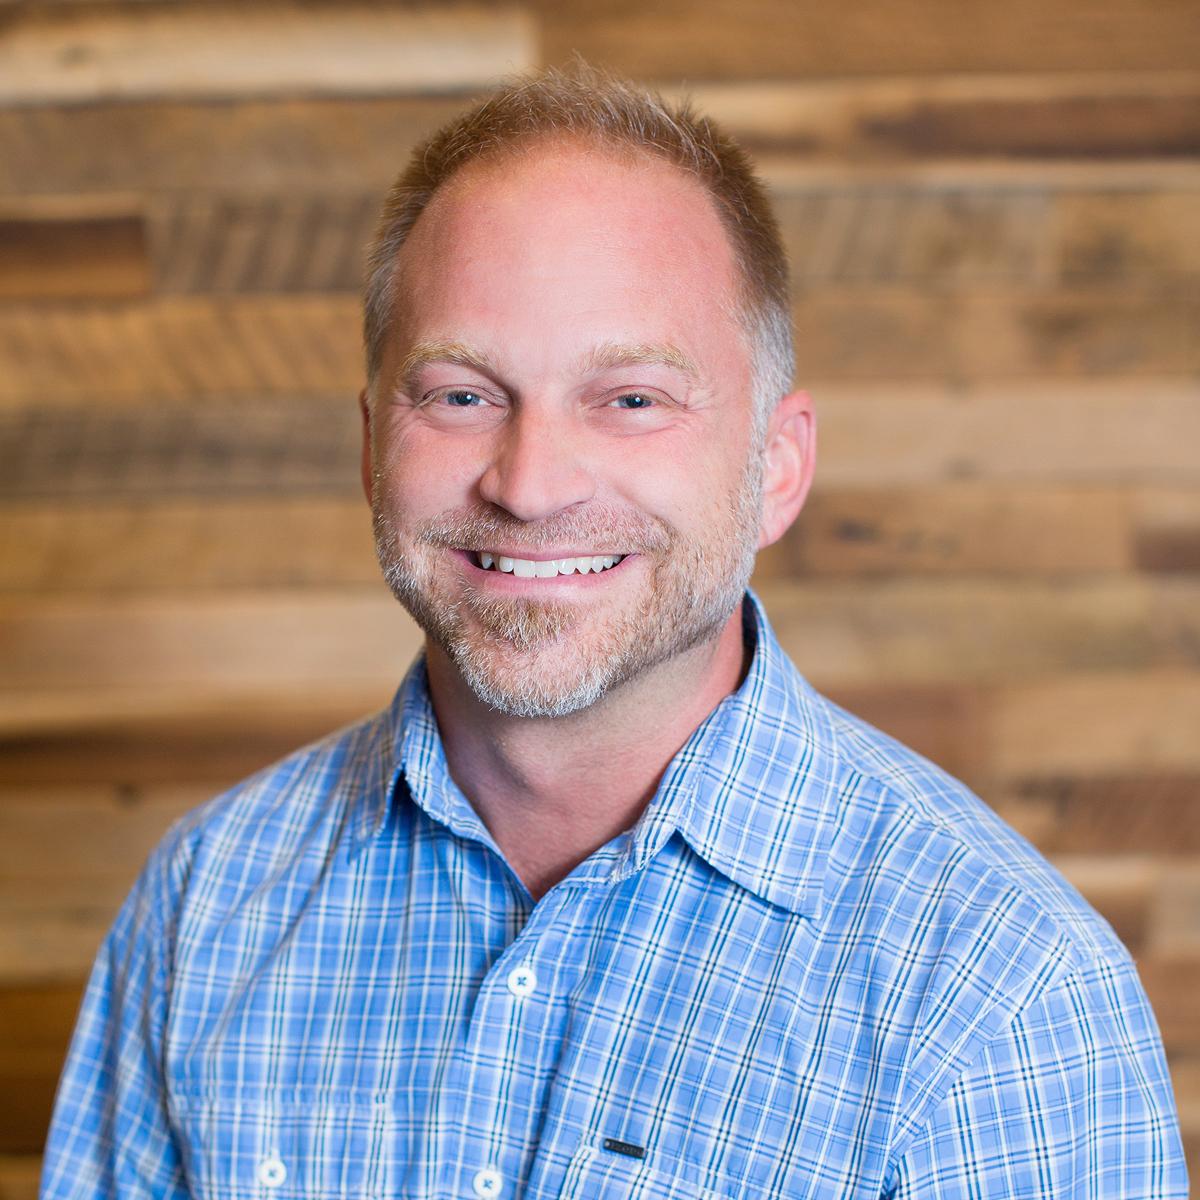 Jason Pongratz